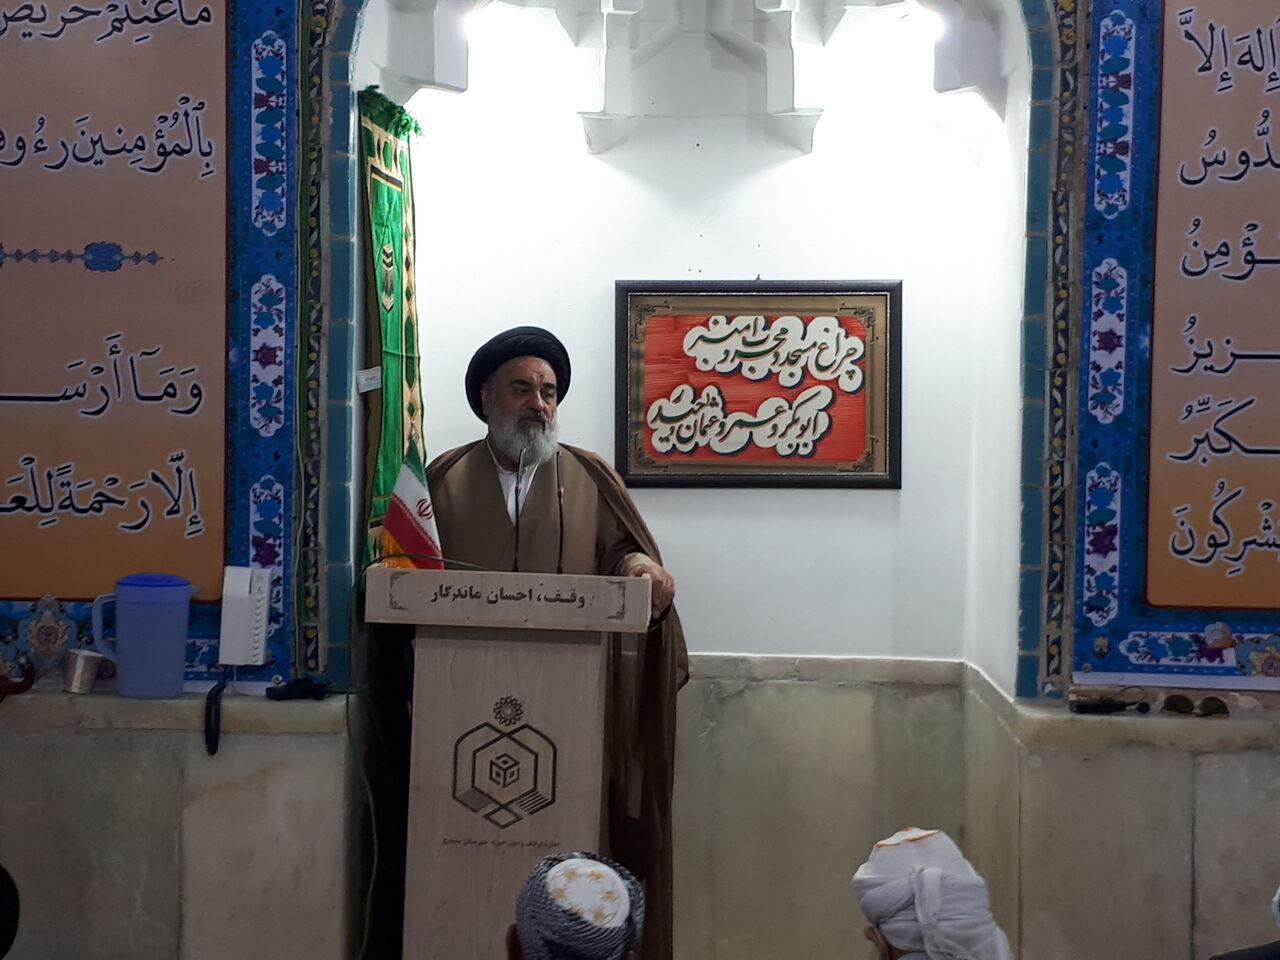 انقلاب اسلامی ایران پایه های وحدت بین امت اسلامی را تقویت کرد